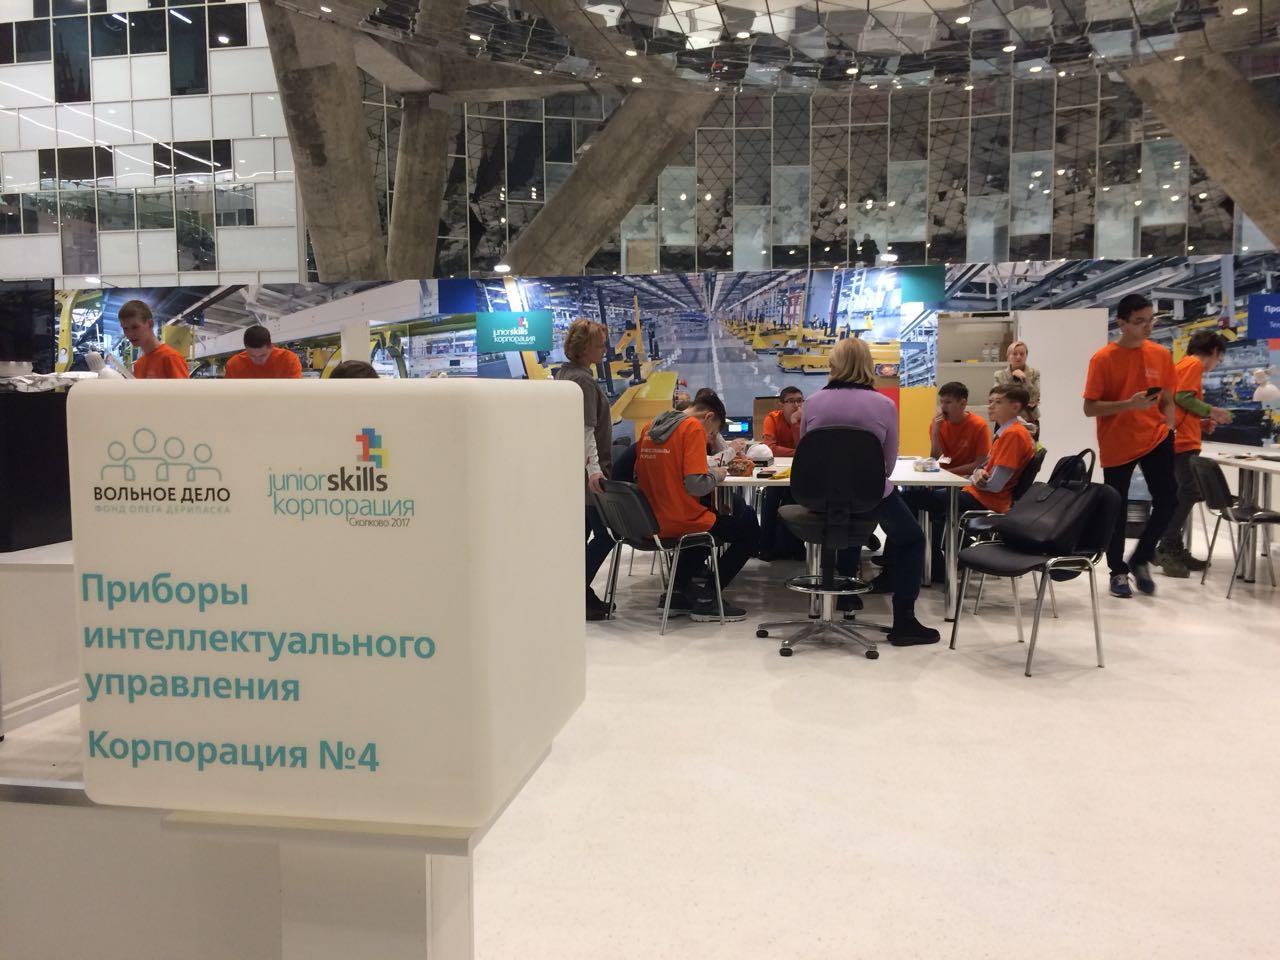 Школьники Якутии участвуют в чемпионате Корпораций «Профессионалы будущего»